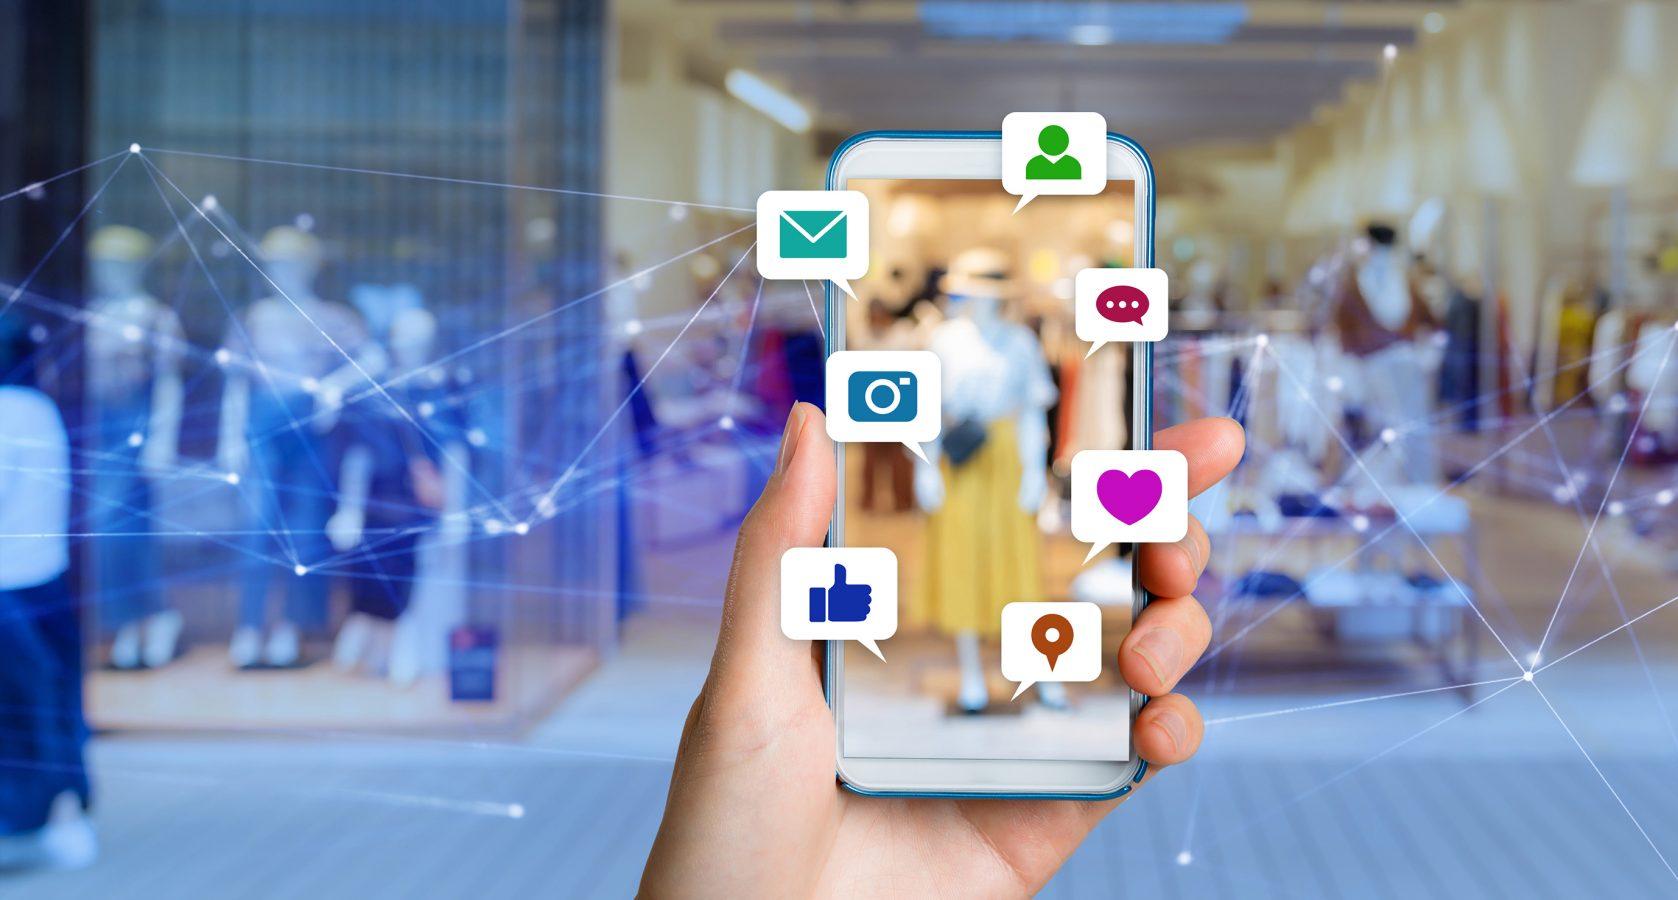 Instagram-Werbung: Worauf können User vertrauen?